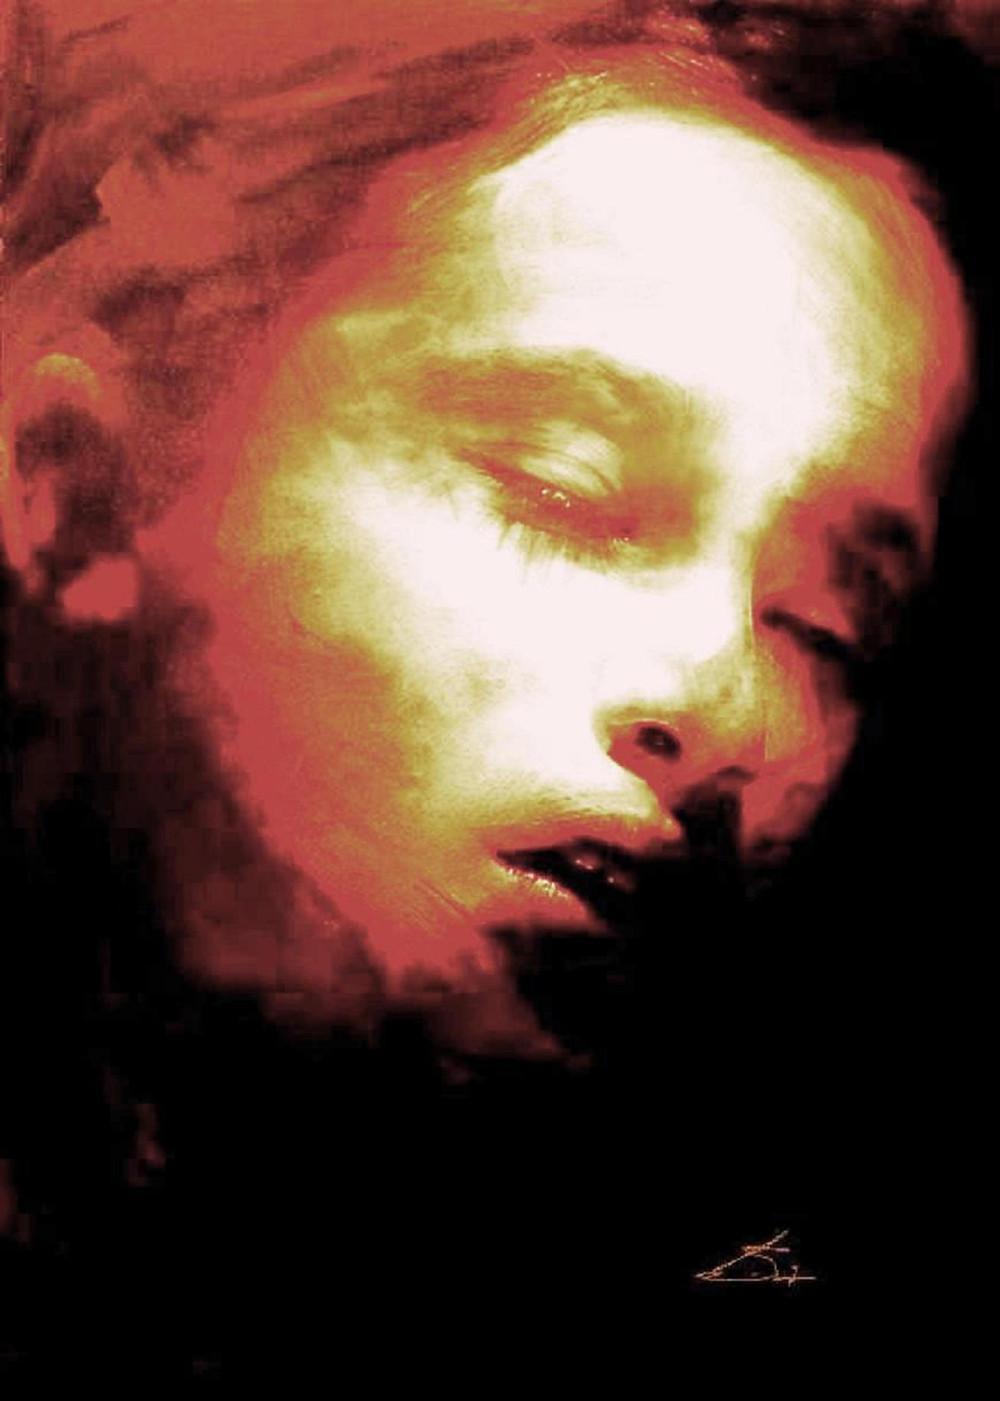 vergessene Schuld brennt schlaflos im Unvergessenen.jpg